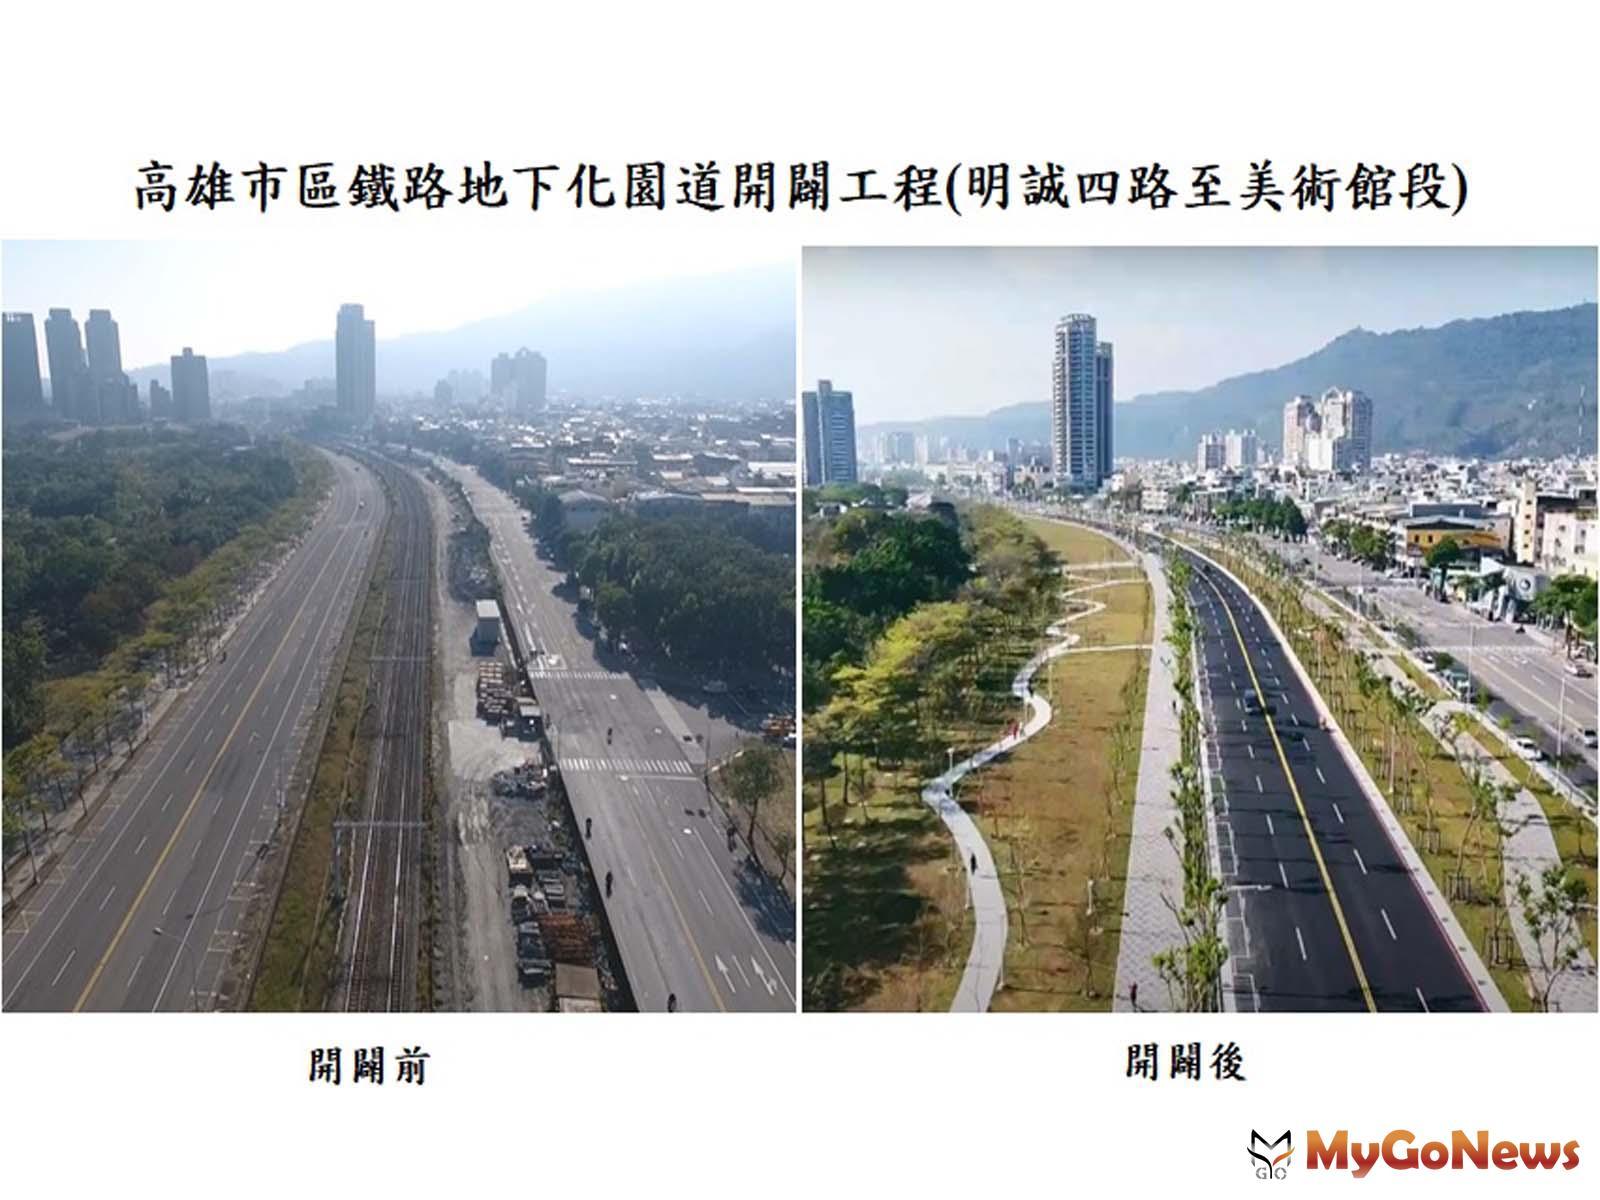 改善全國路網 內政部6年完成264項道路建設(圖/內政部) MyGoNews房地產新聞 市場快訊